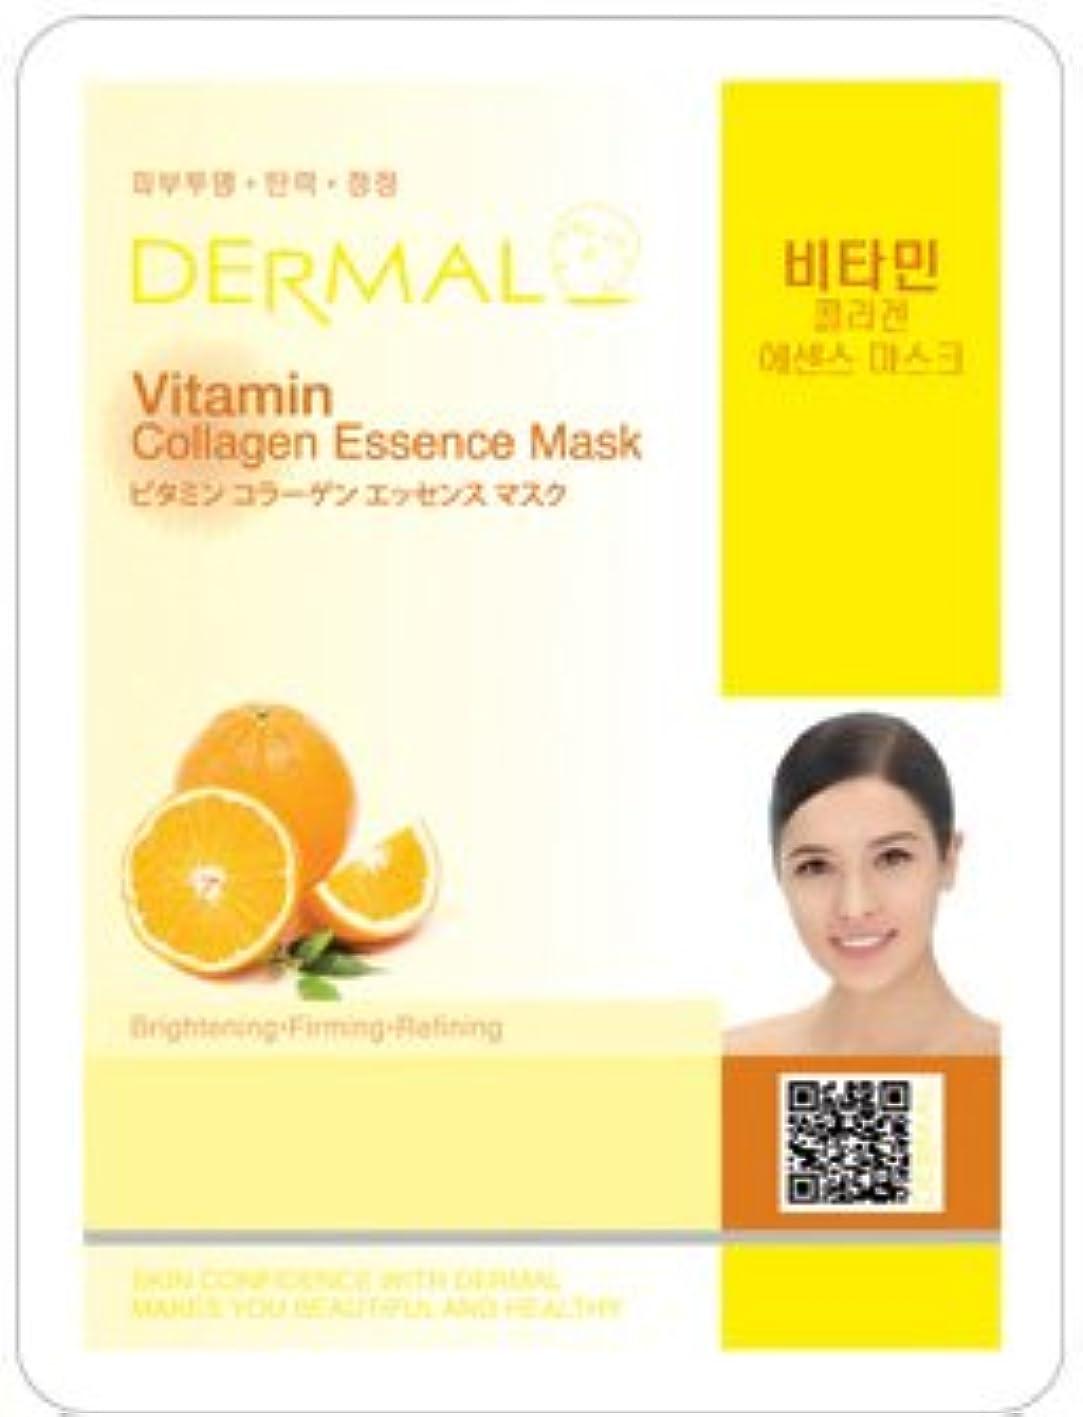 欺それエチケットシートマスク ビタミン 10枚セット ダーマル(Dermal) フェイス パック